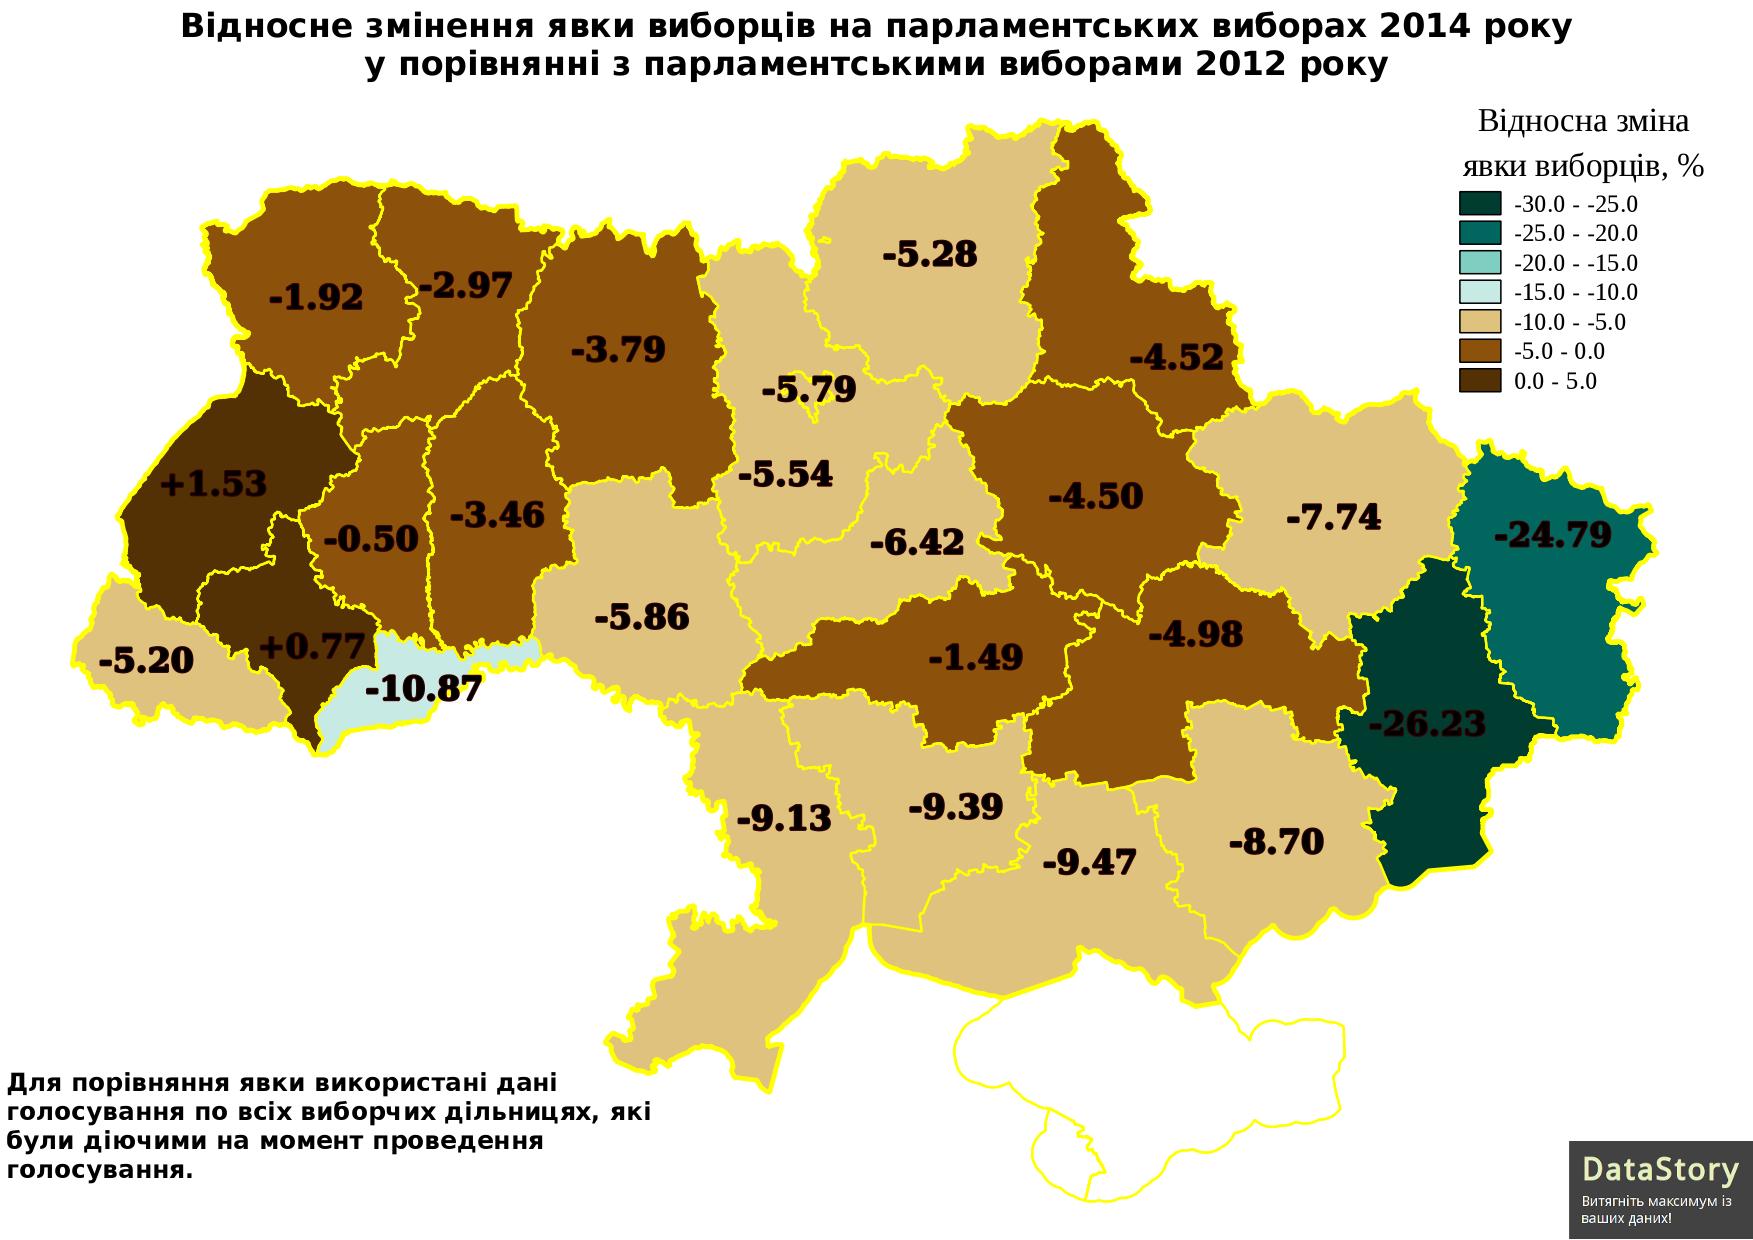 Відносне змінення явки виборців на парламентських виборах 2014 року у порівнянні з парламентськими виборами 2012 року